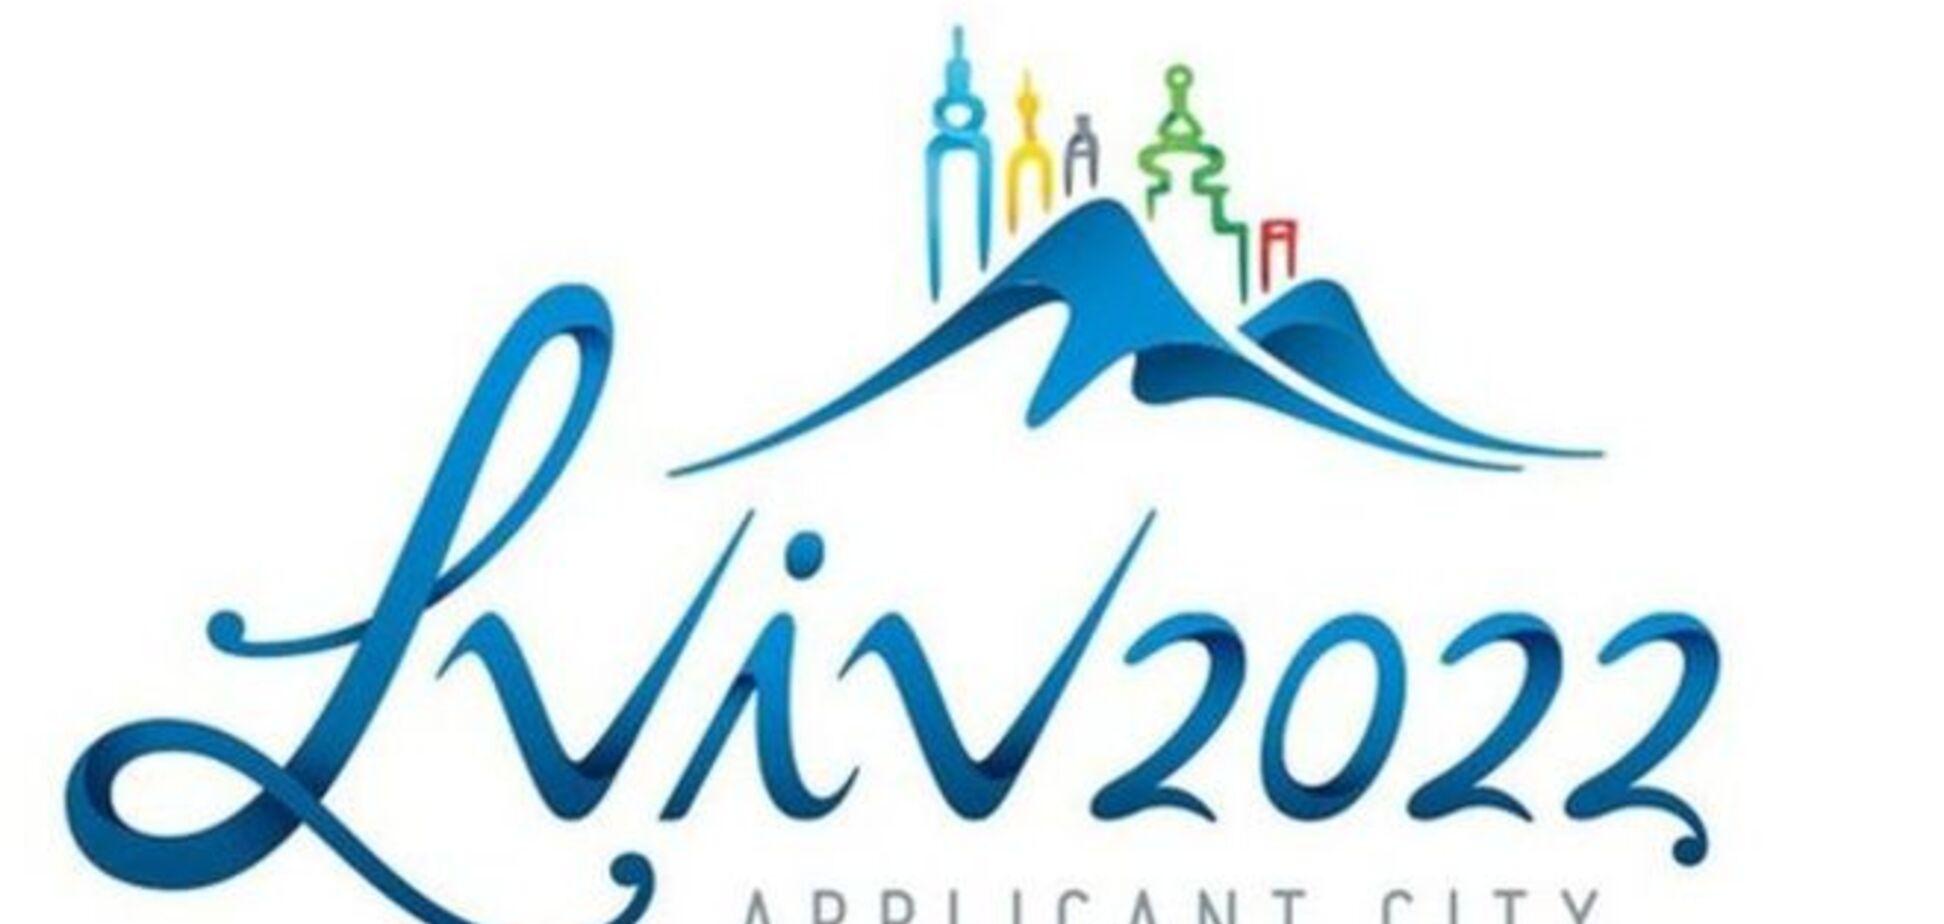 У Львова станет на одного конкурента меньше в борьбе за Олимпиаду-2022